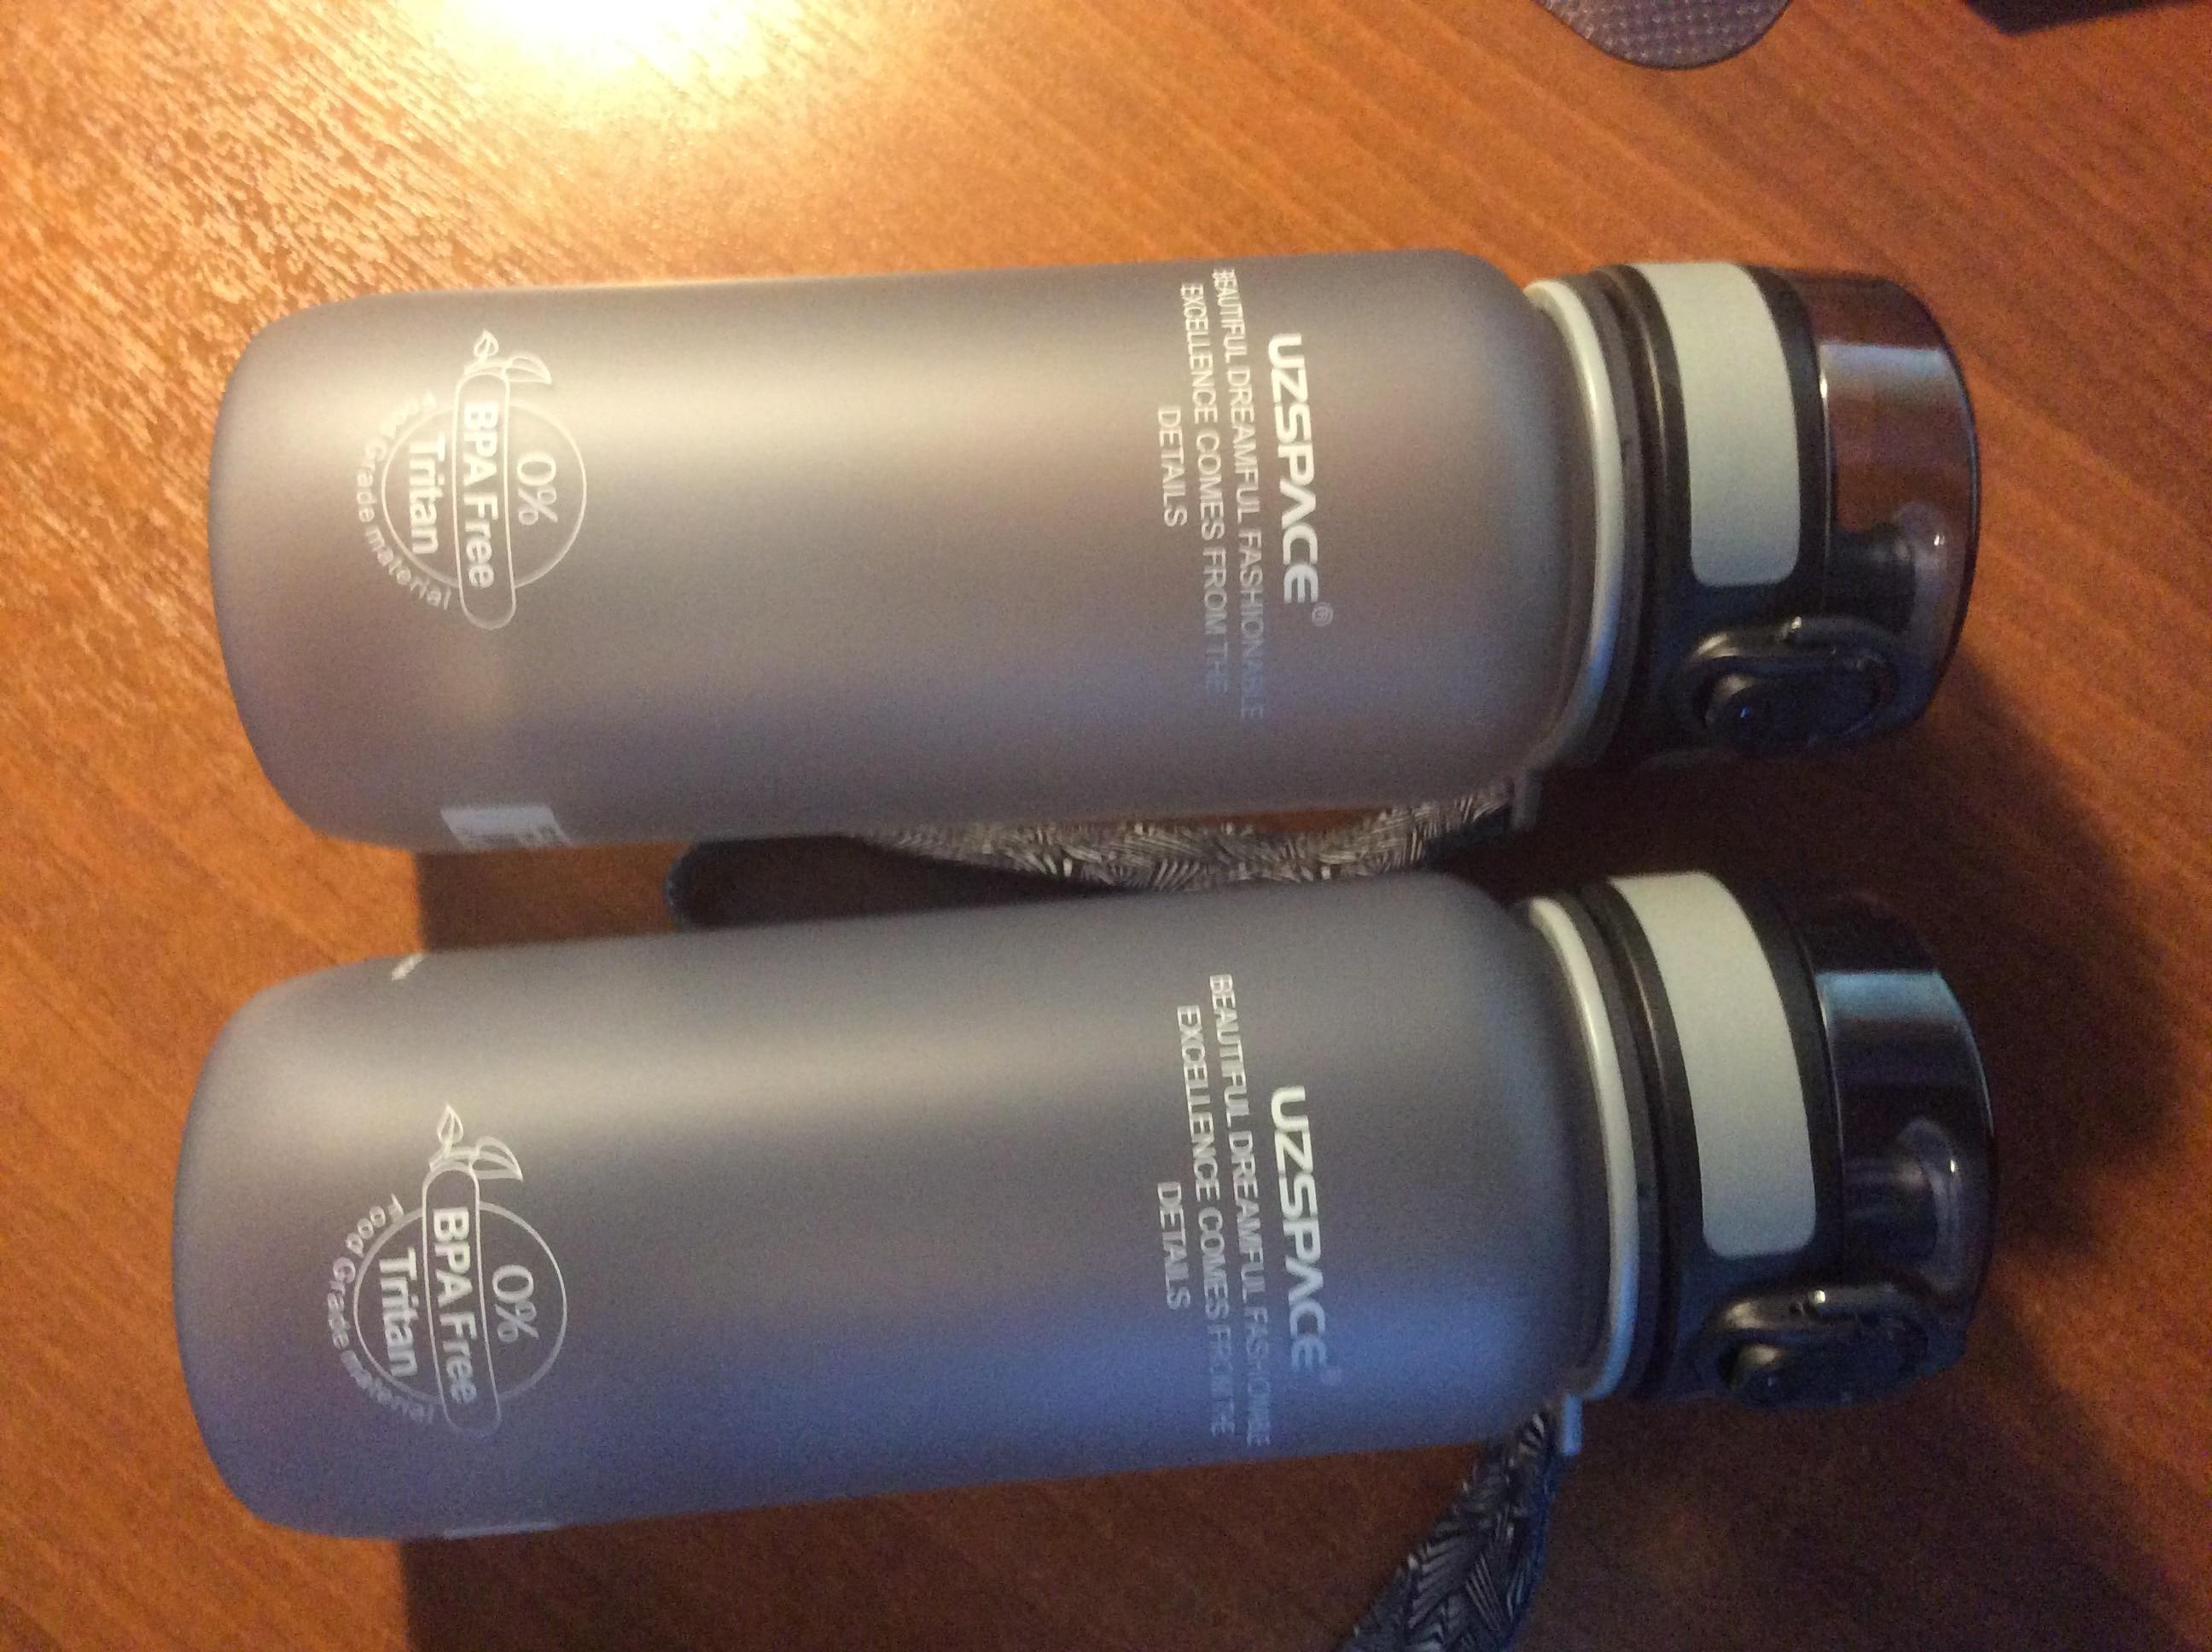 Uzspace Butelka Wody Tritan Materiał Drinkware białko shaker Camping Piesze Wycieczki Sport Mój Drink Plastikowa Butelka 500 i 1000 ml Bpa darmowe